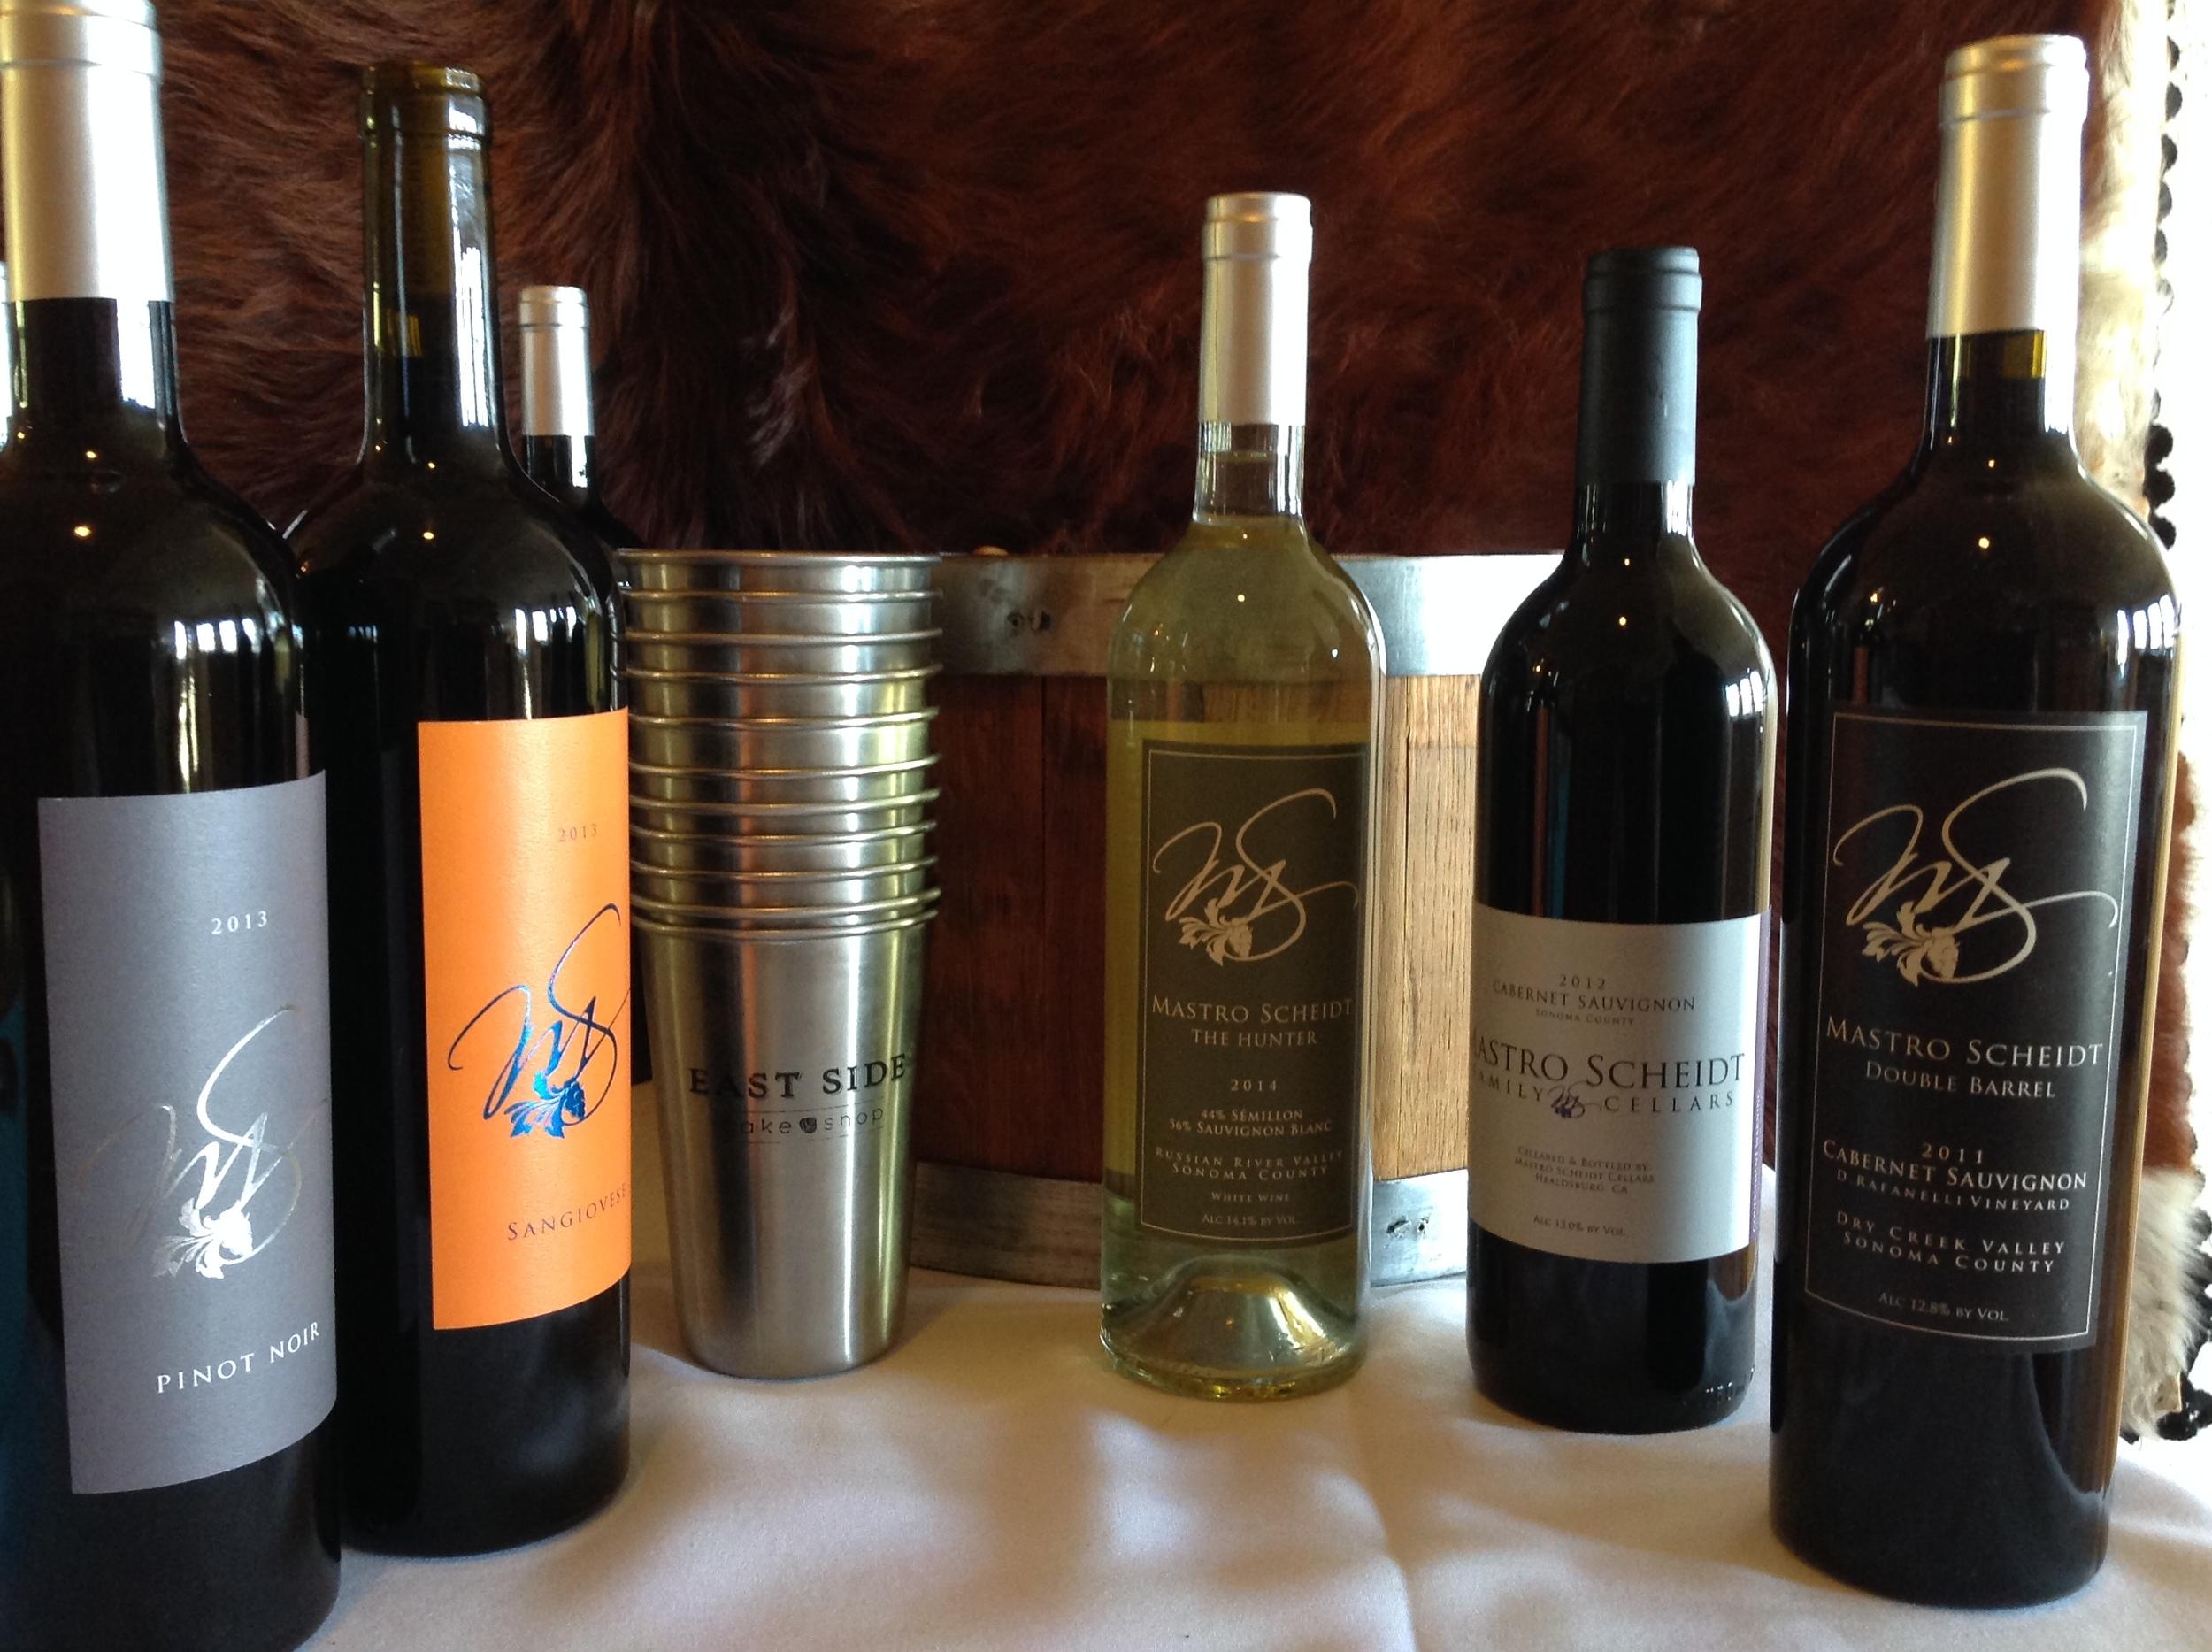 Mastro Scheidt wine dinner line-up